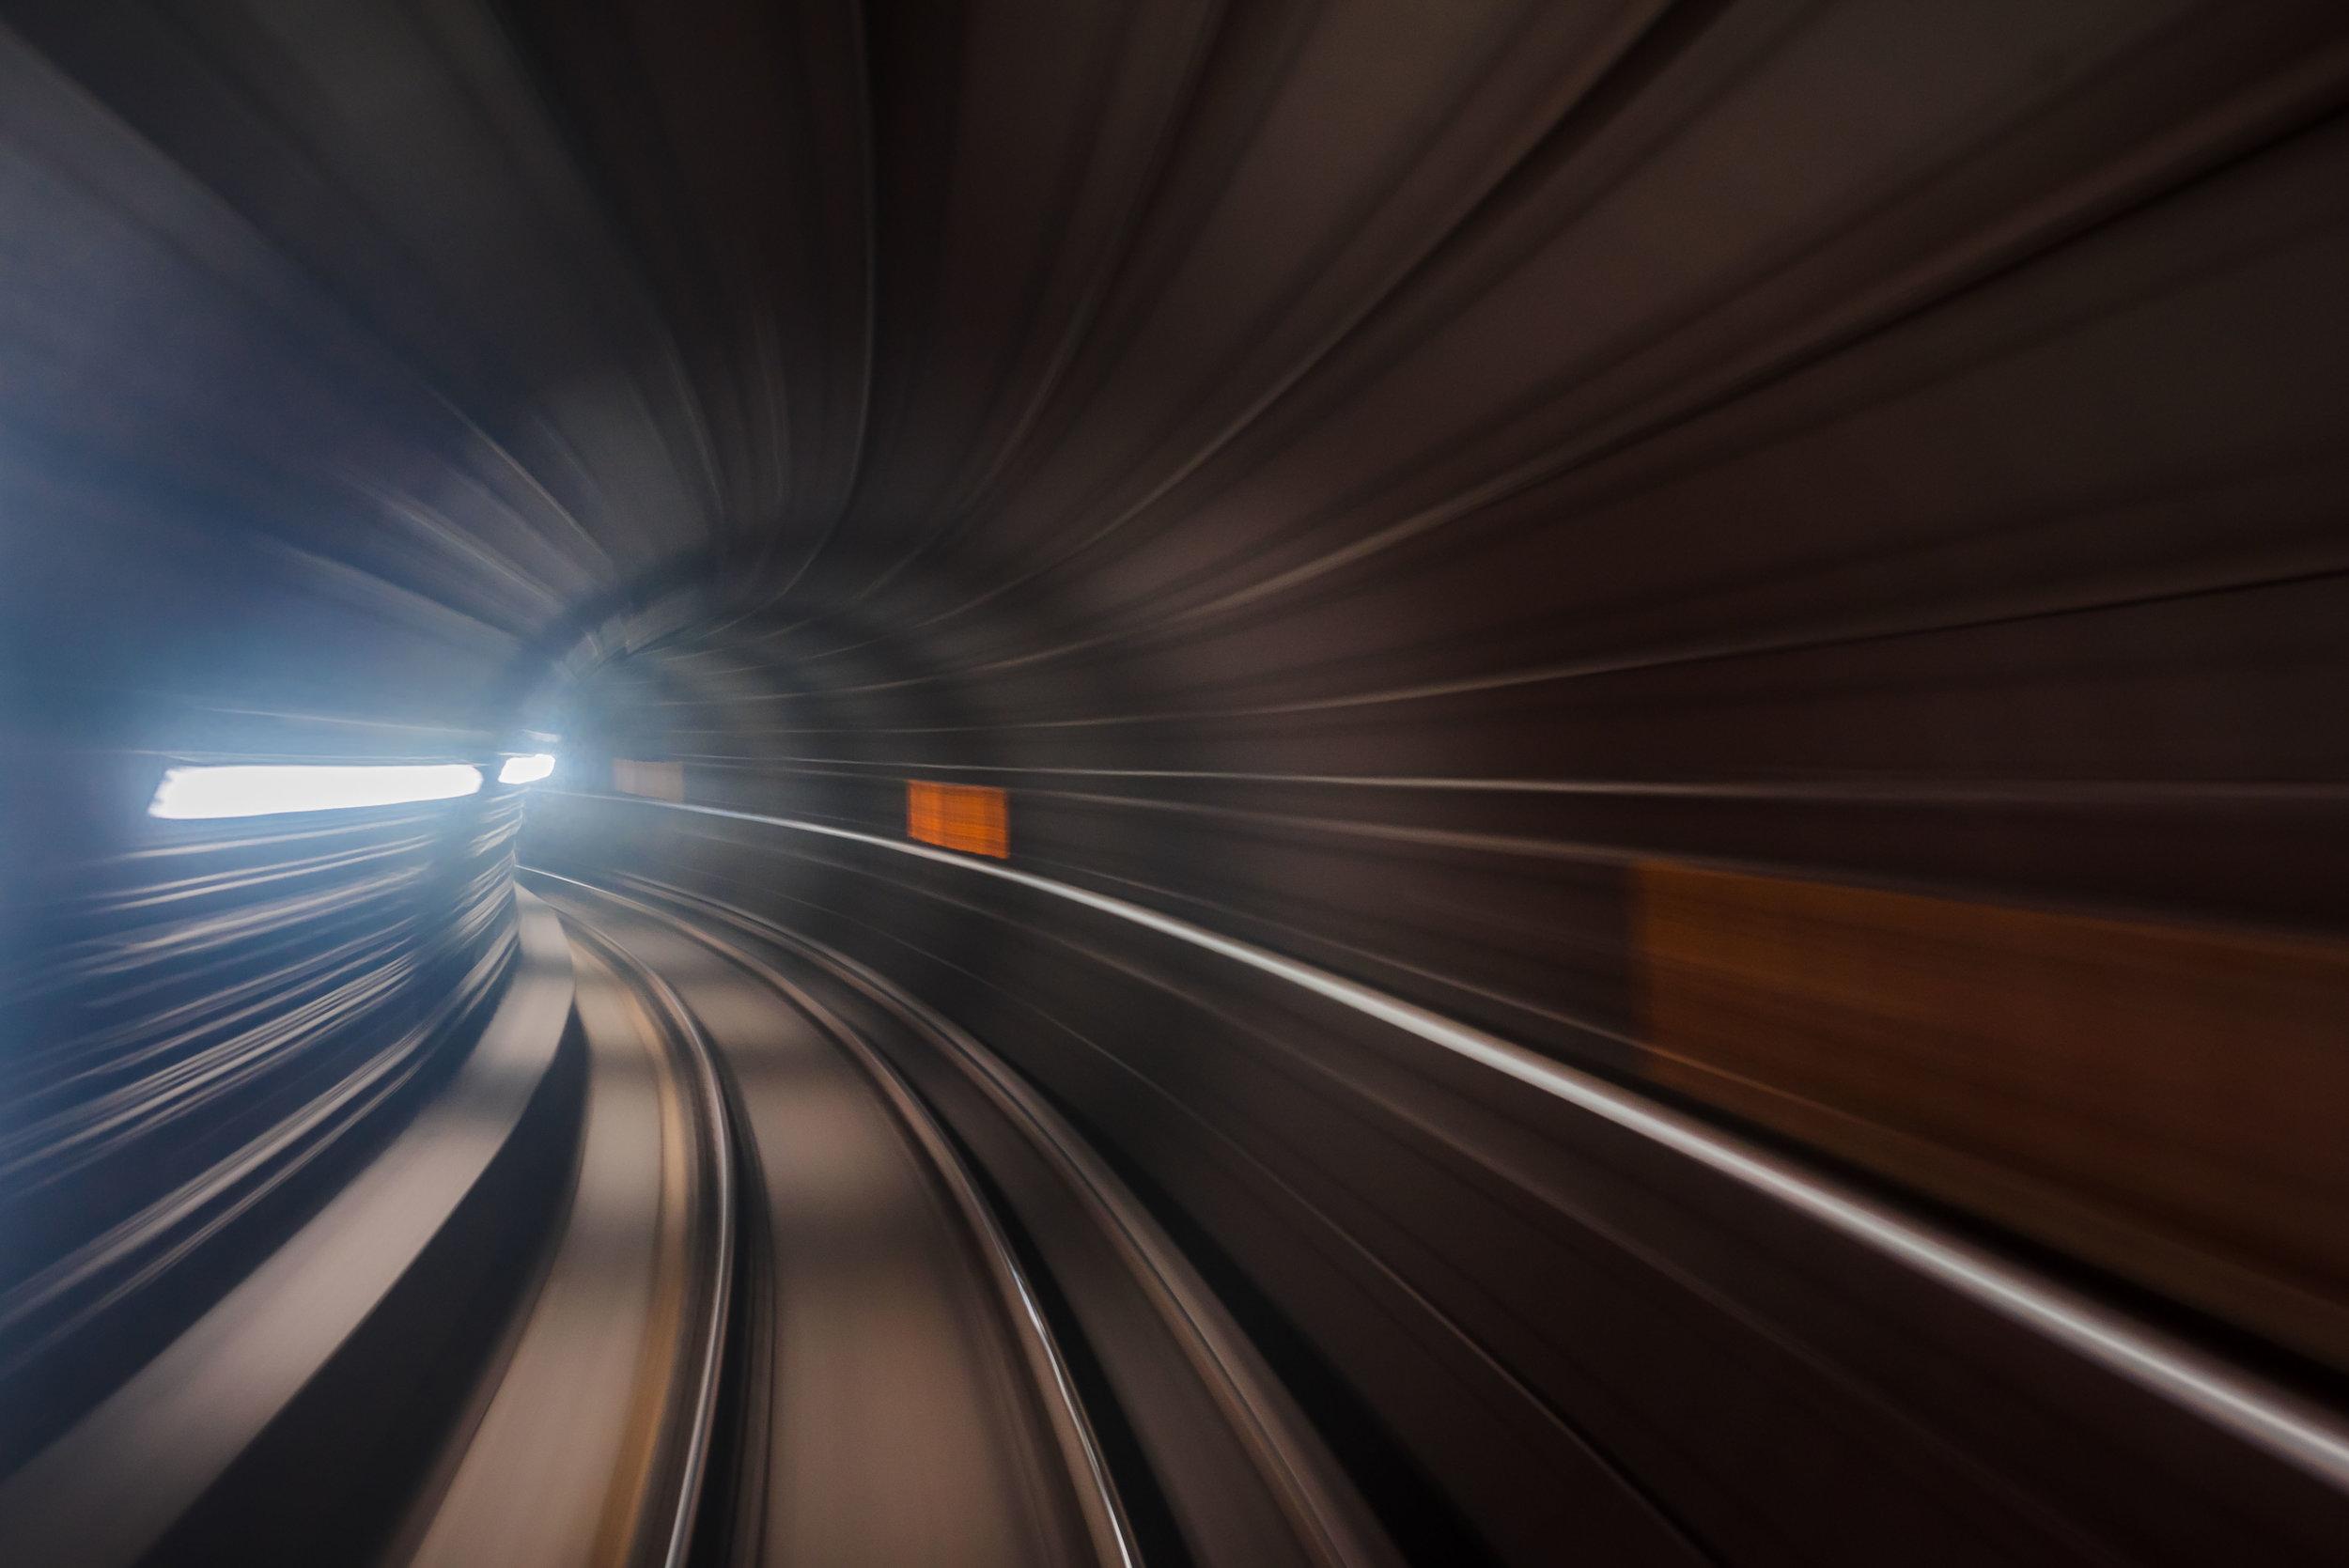 Washington DC Underground Tunnels Warp Speed